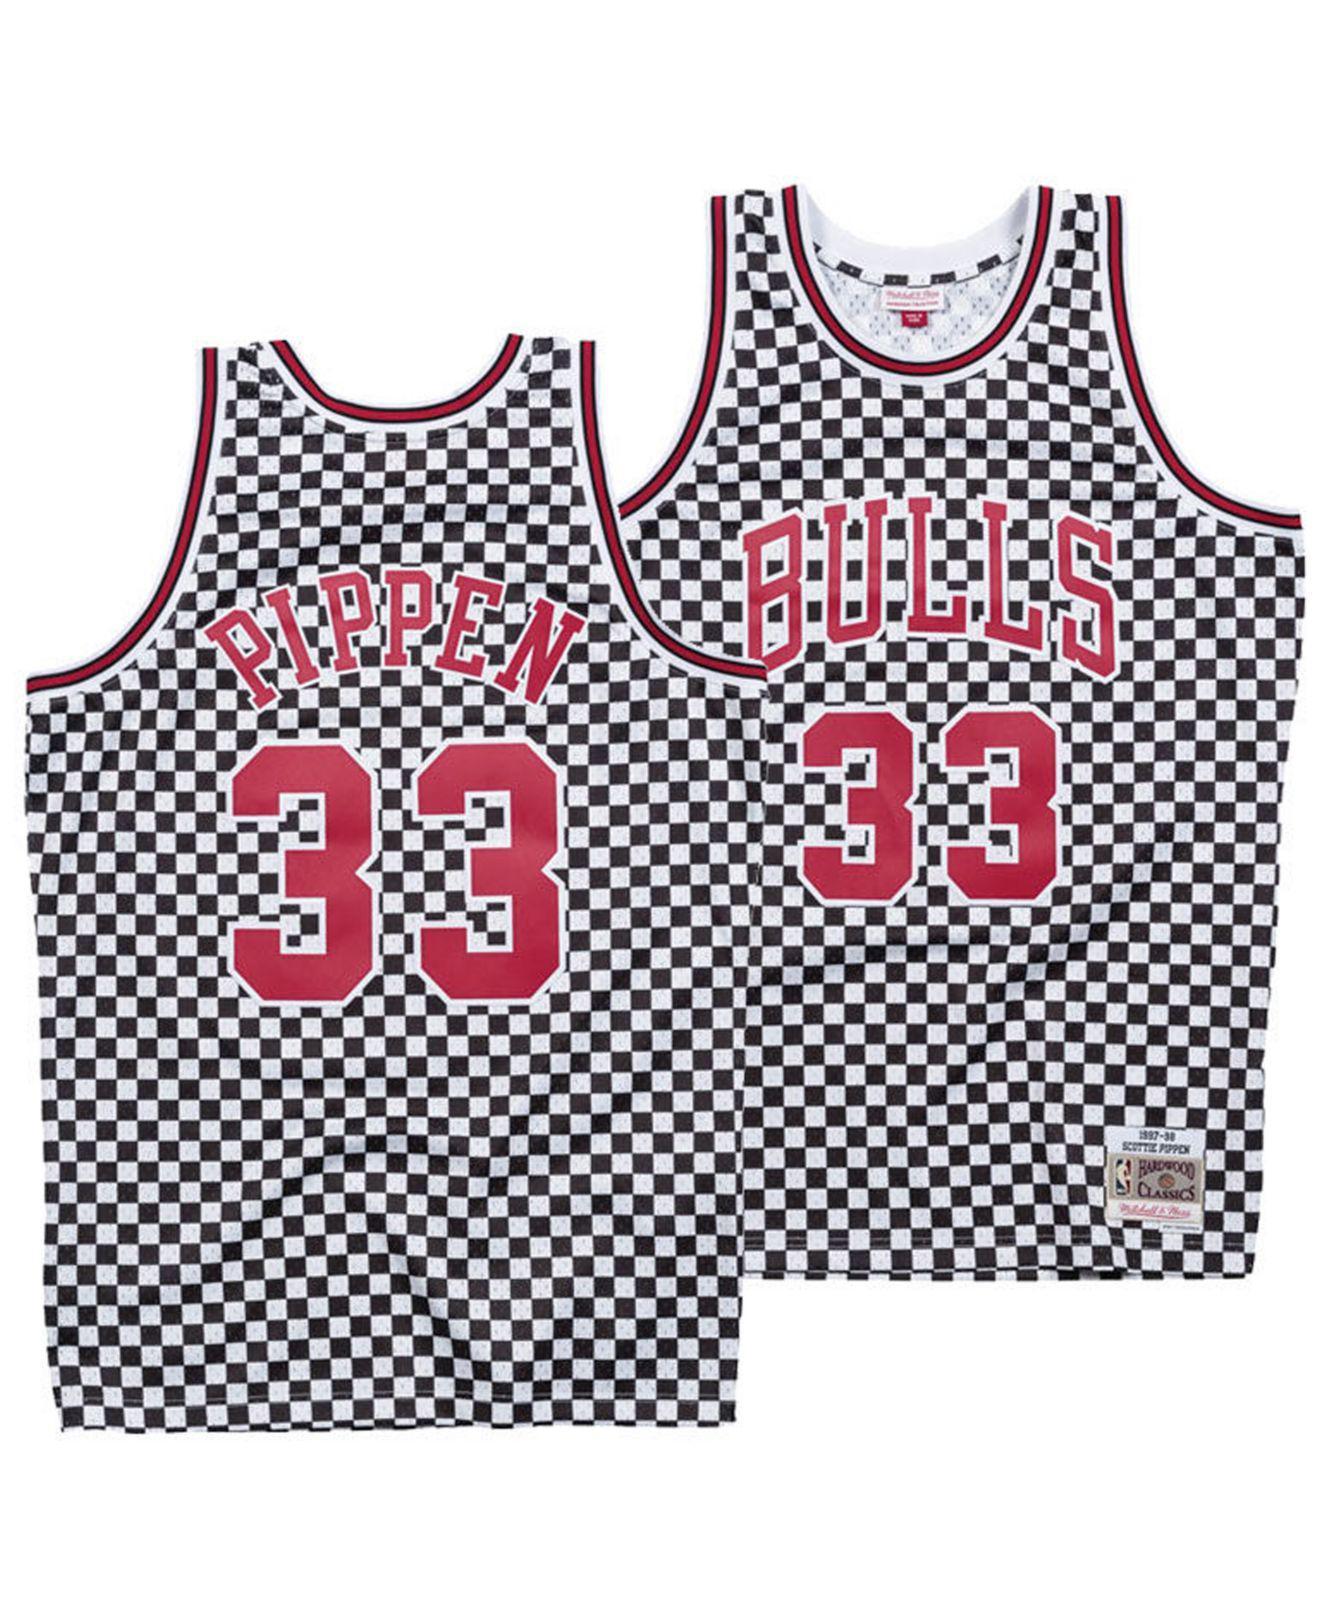 best website 0d620 3c16b Men's Red Scottie Pippen Chicago Bulls Checkerboard Swingman Jersey